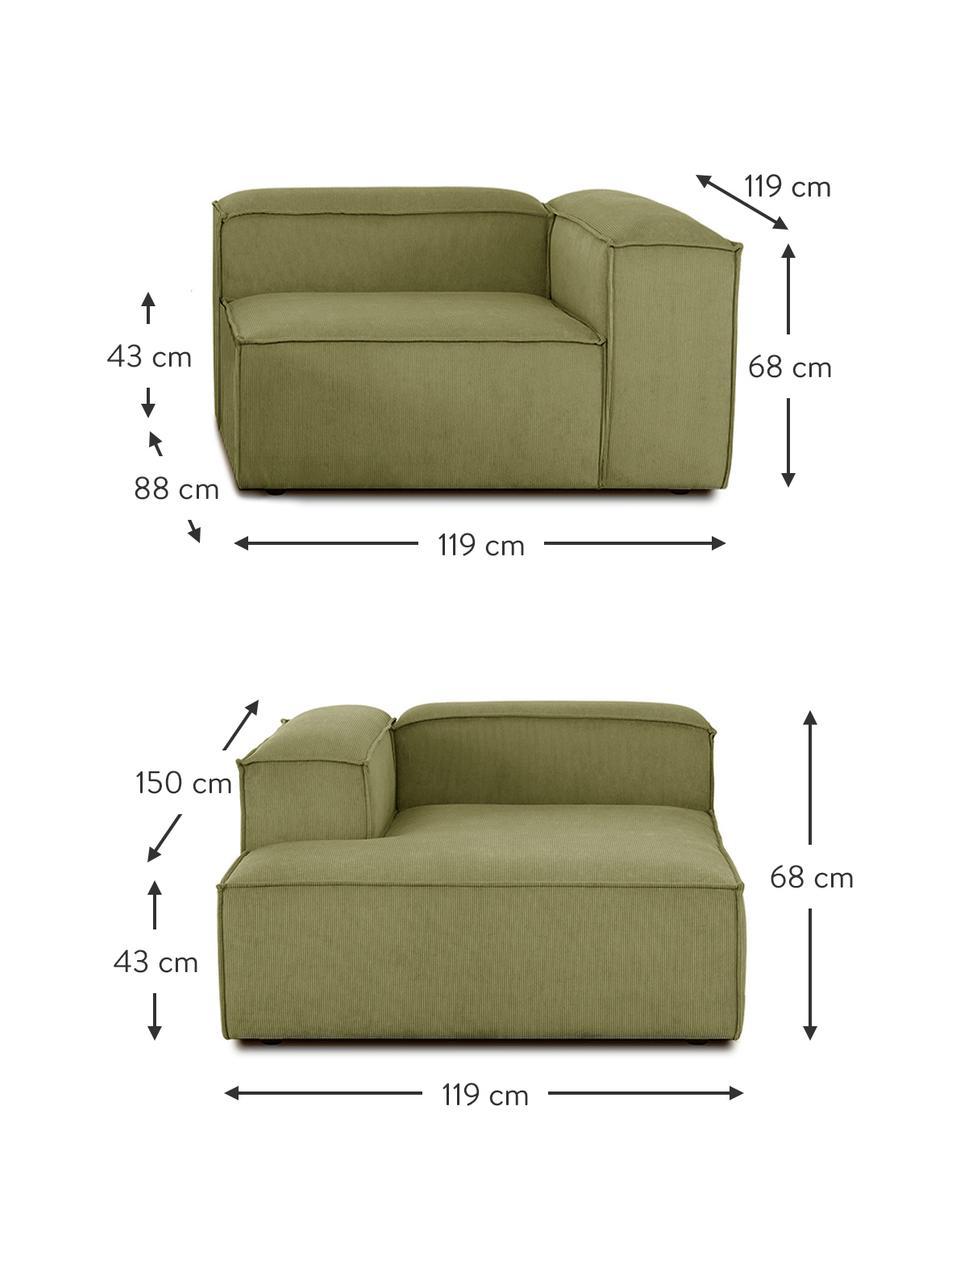 Narożna sofa modułowa ze sztruksu Lennon, Tapicerka: sztruks (92% poliester, 8, Stelaż: lite drewno sosnowe, skle, Nogi: tworzywo sztuczne Nogi zn, Sztruksowy zielony, S 238 x G 180 cm